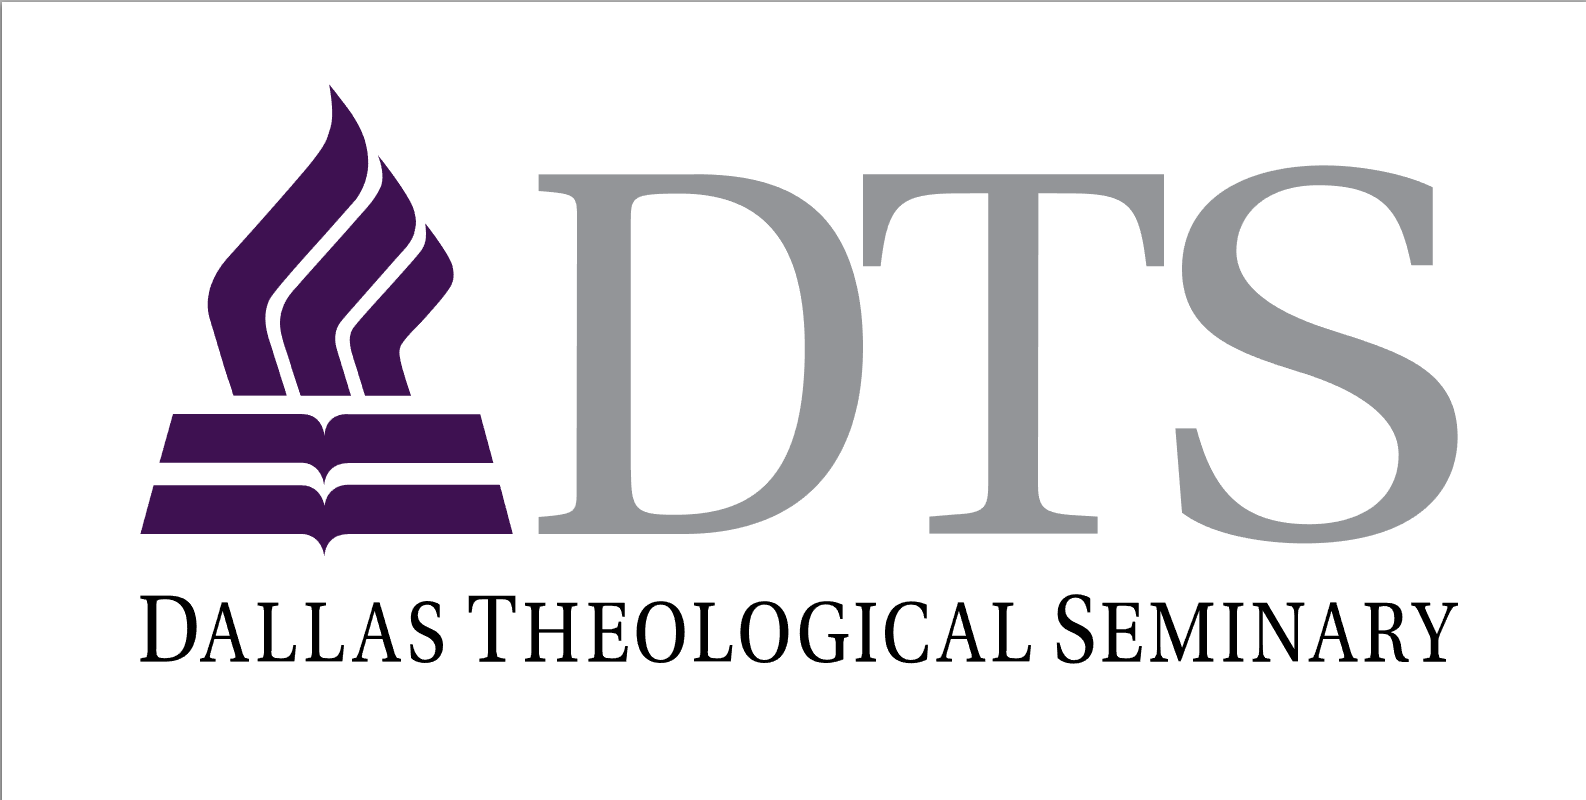 Dallas Theological Seminary